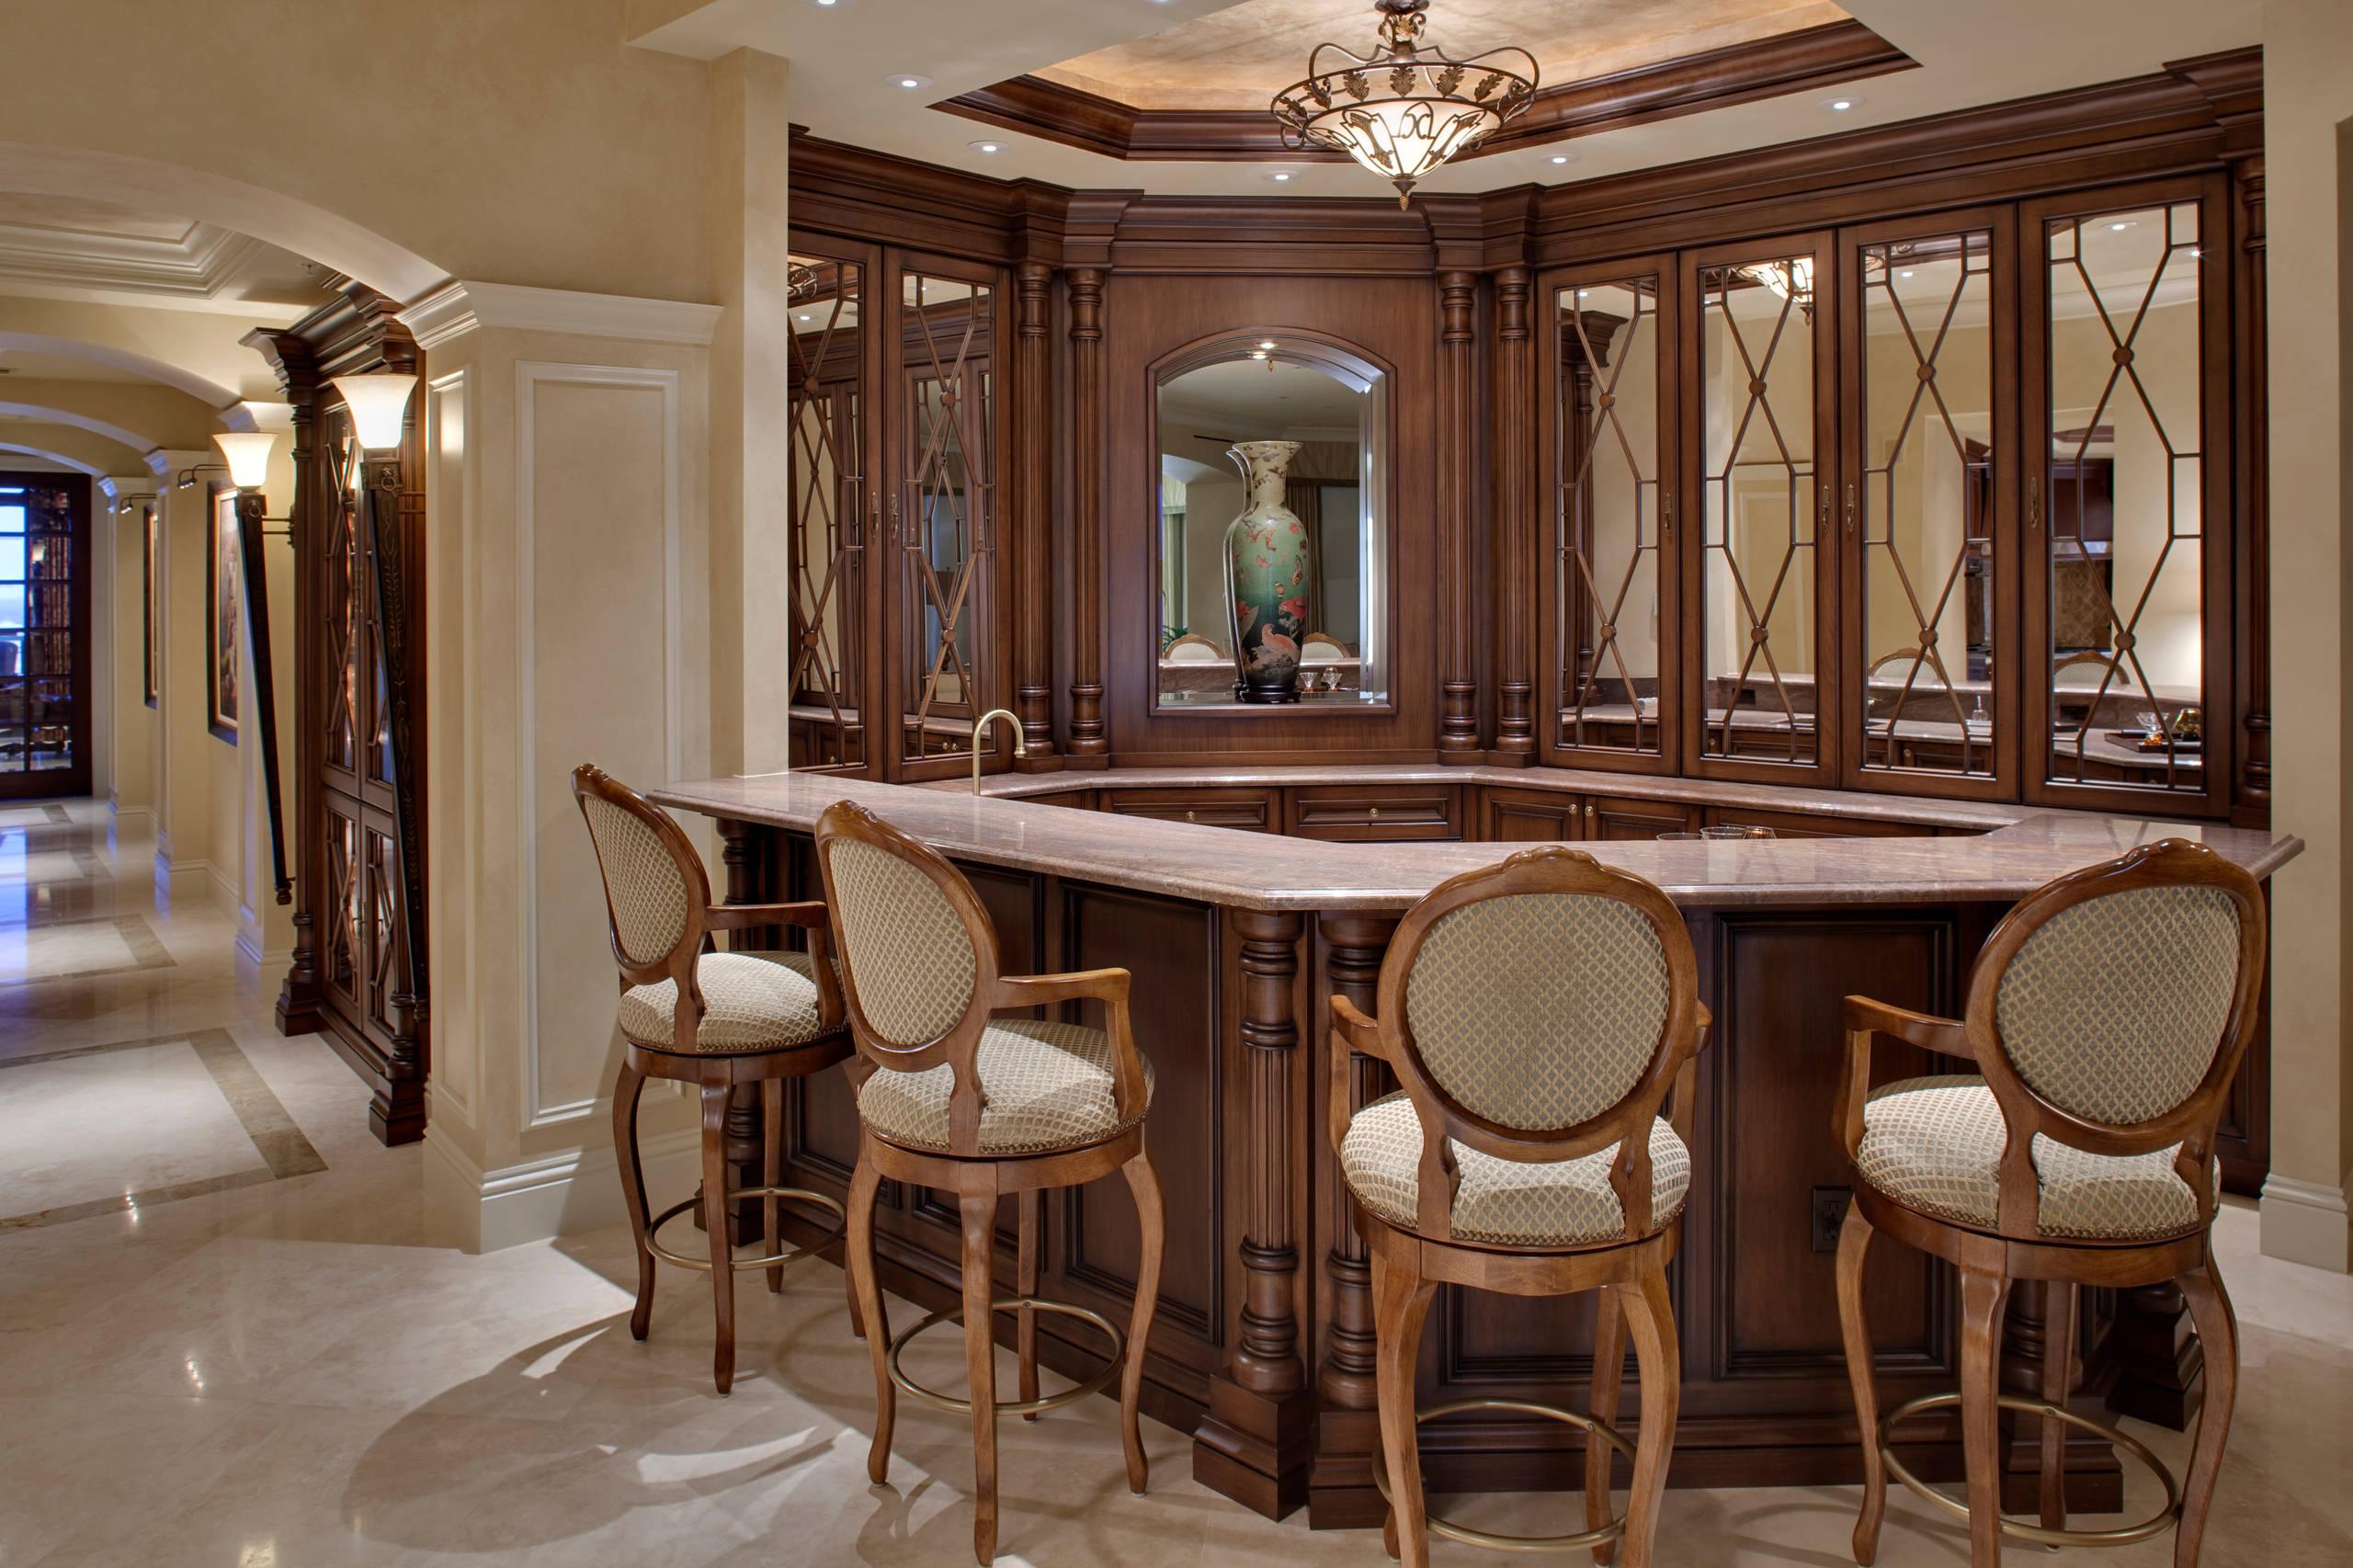 Certified Luxury Builders - 41 West - Veracruz Condo Remodel